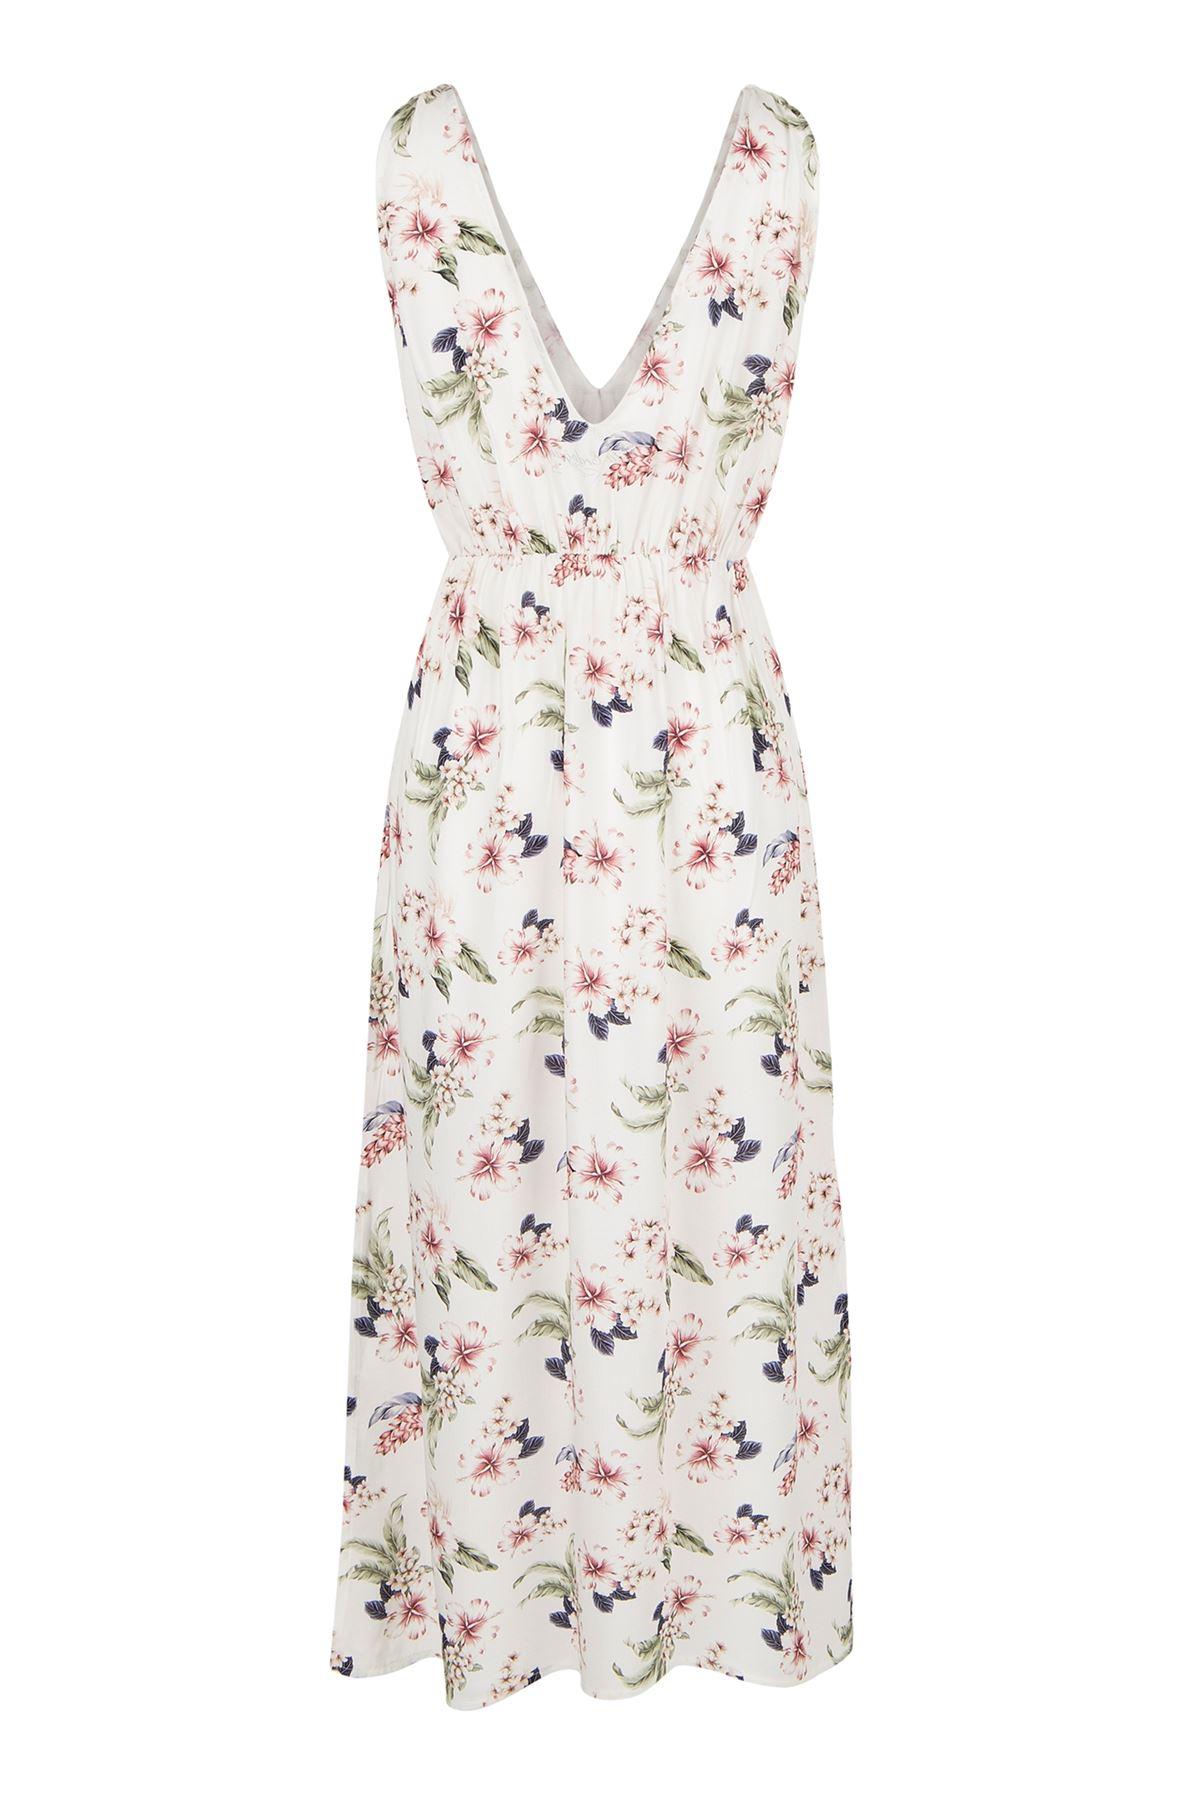 Midi Elbise Beyaz Üzeri Çiçekli (Ön Yaka Volanlı Arka Yaka V)